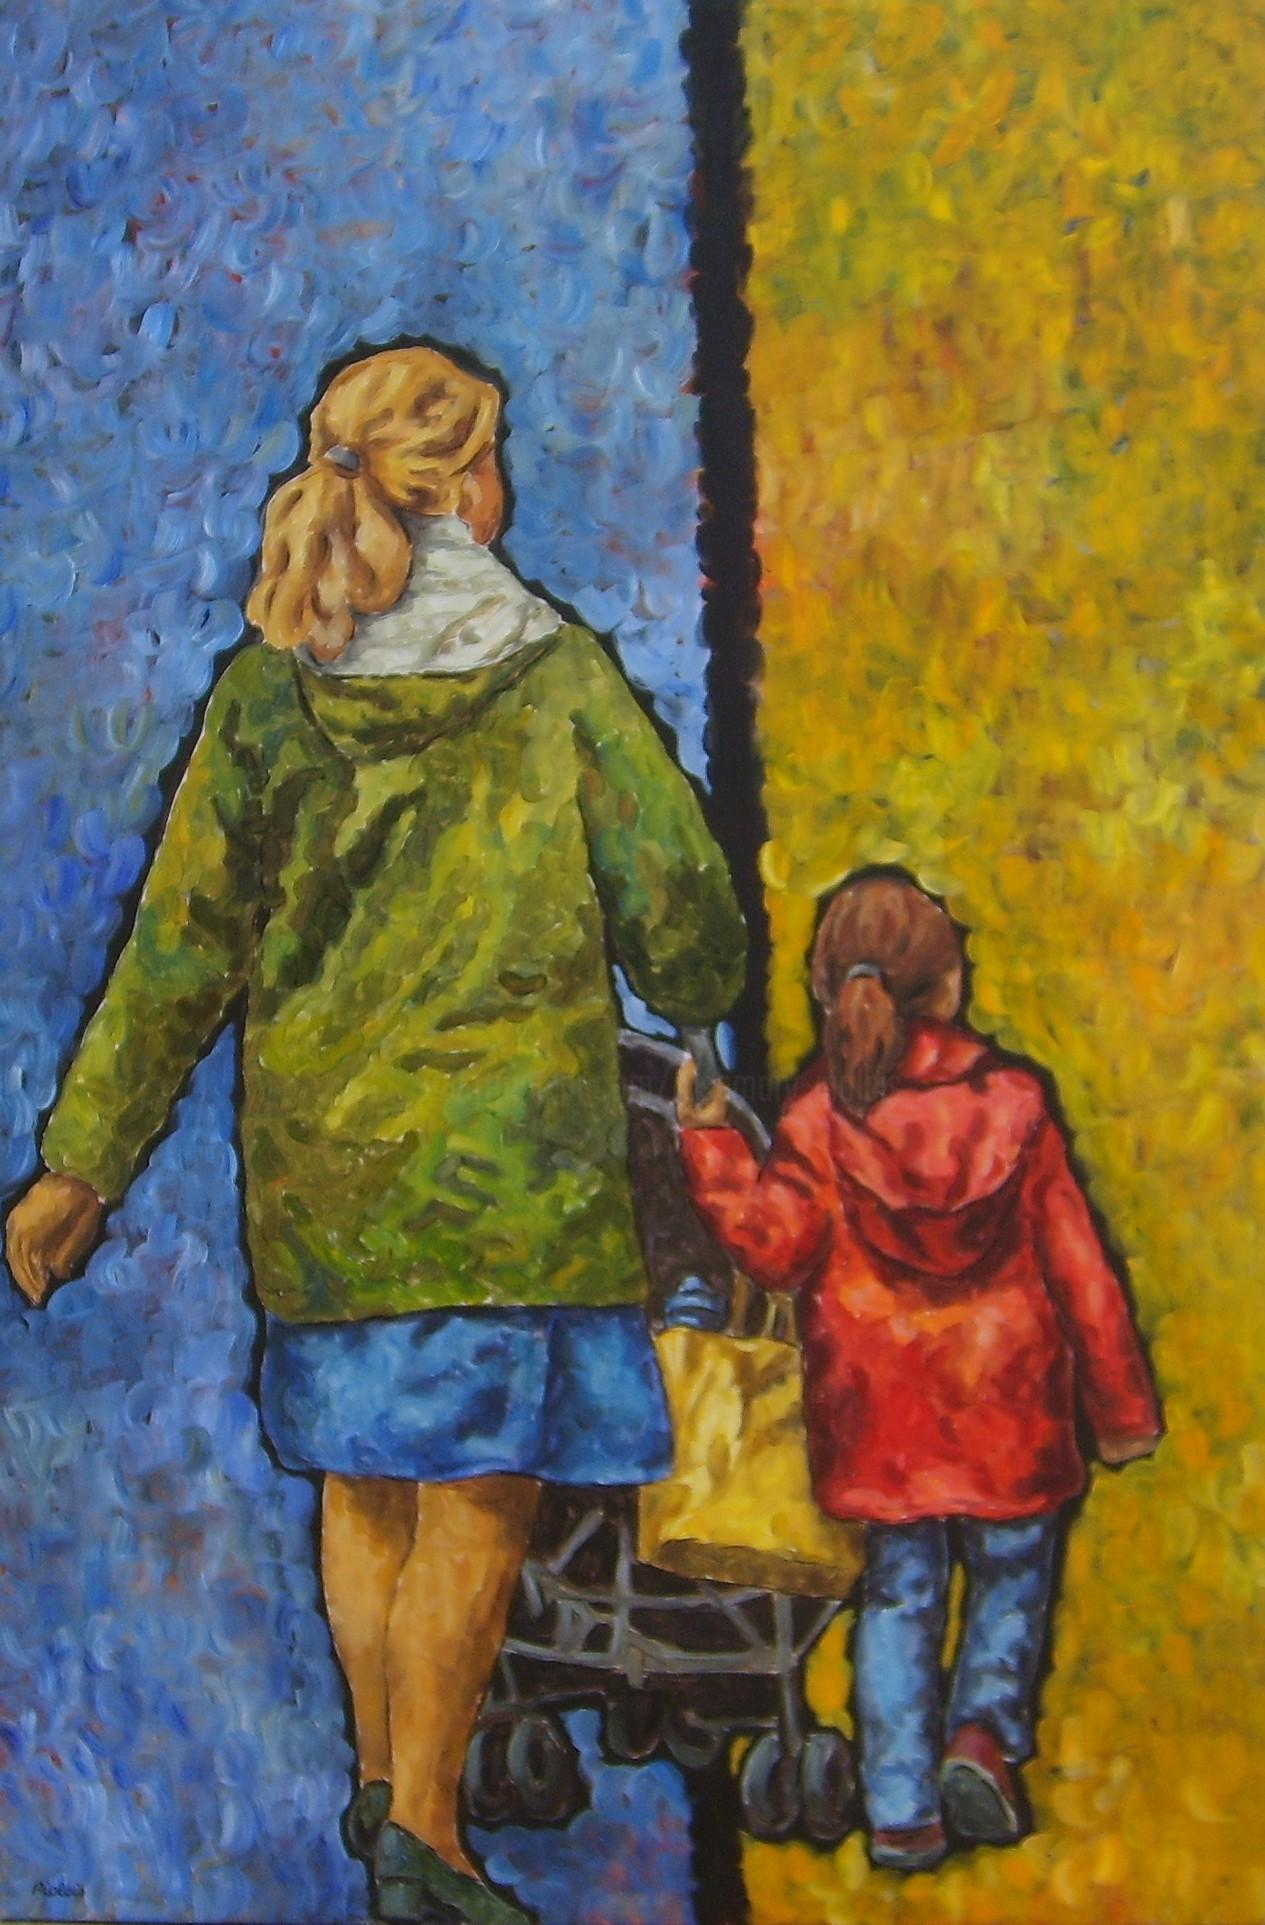 Rosemary Piolais - Piolais-sur le boulevard-Acrylique-150x100cm